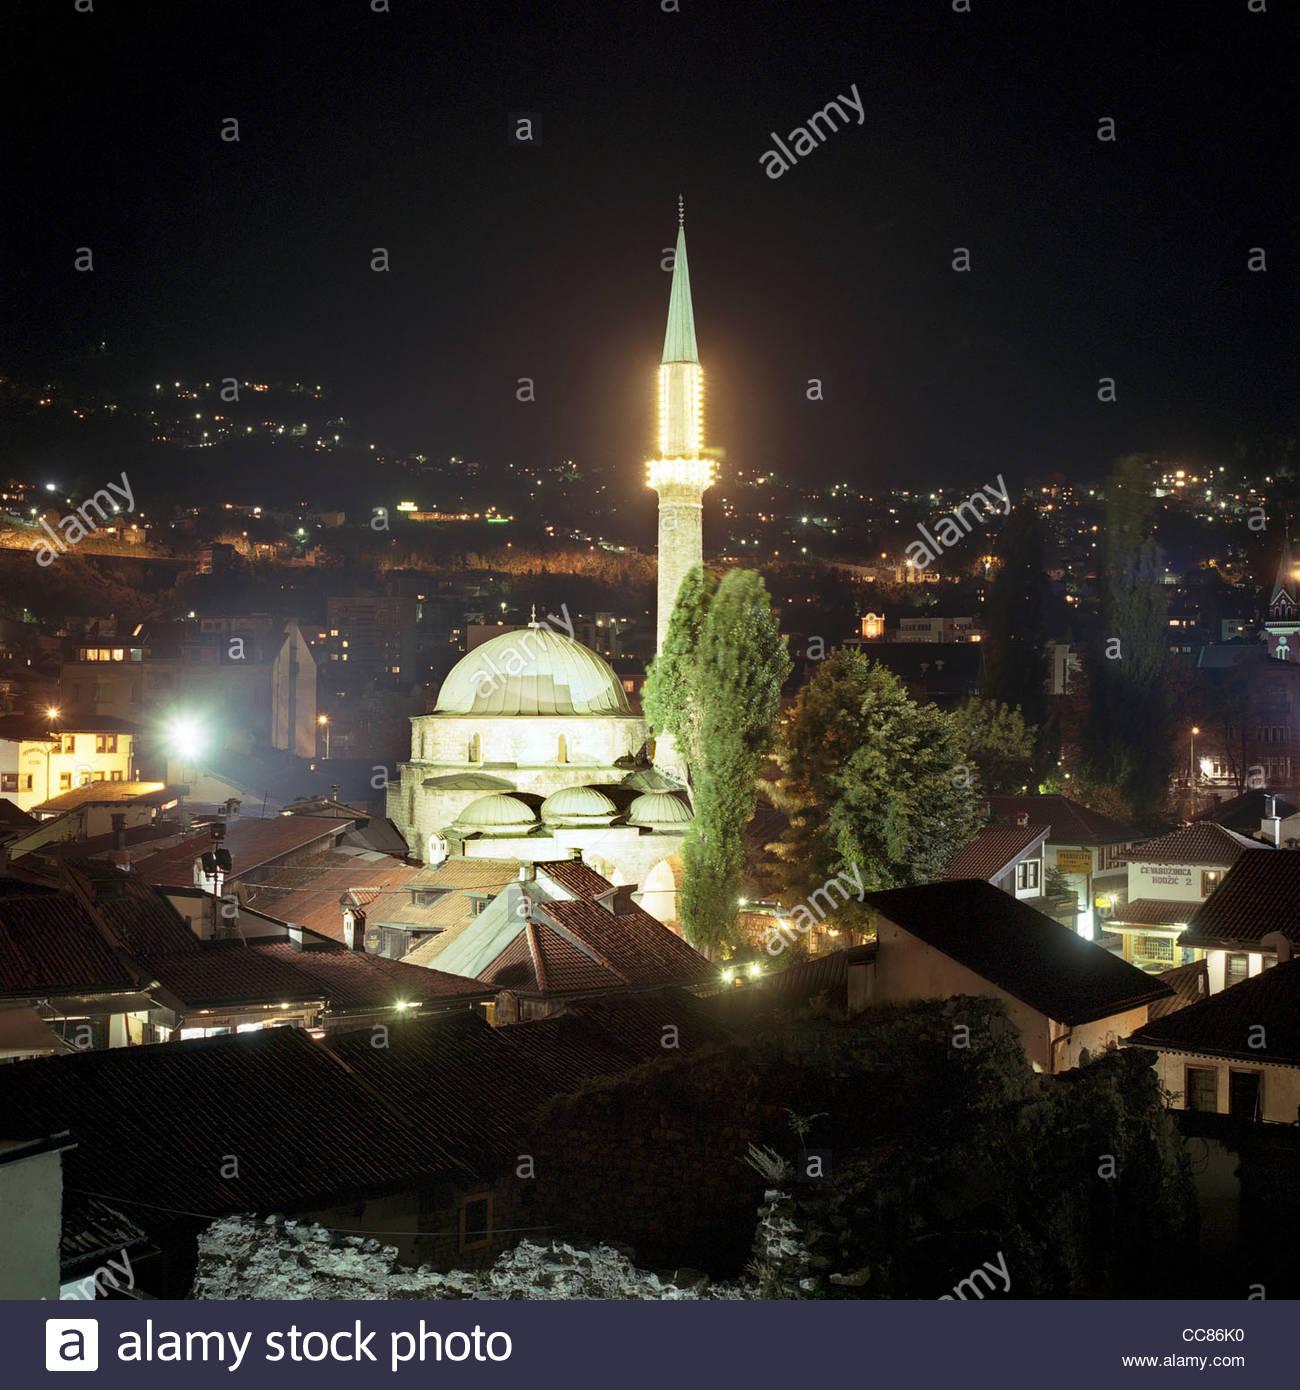 The Gazi Husrev-bey Mosque at night, Sarajevo, Bosnia and Herzegovina Stock Photo